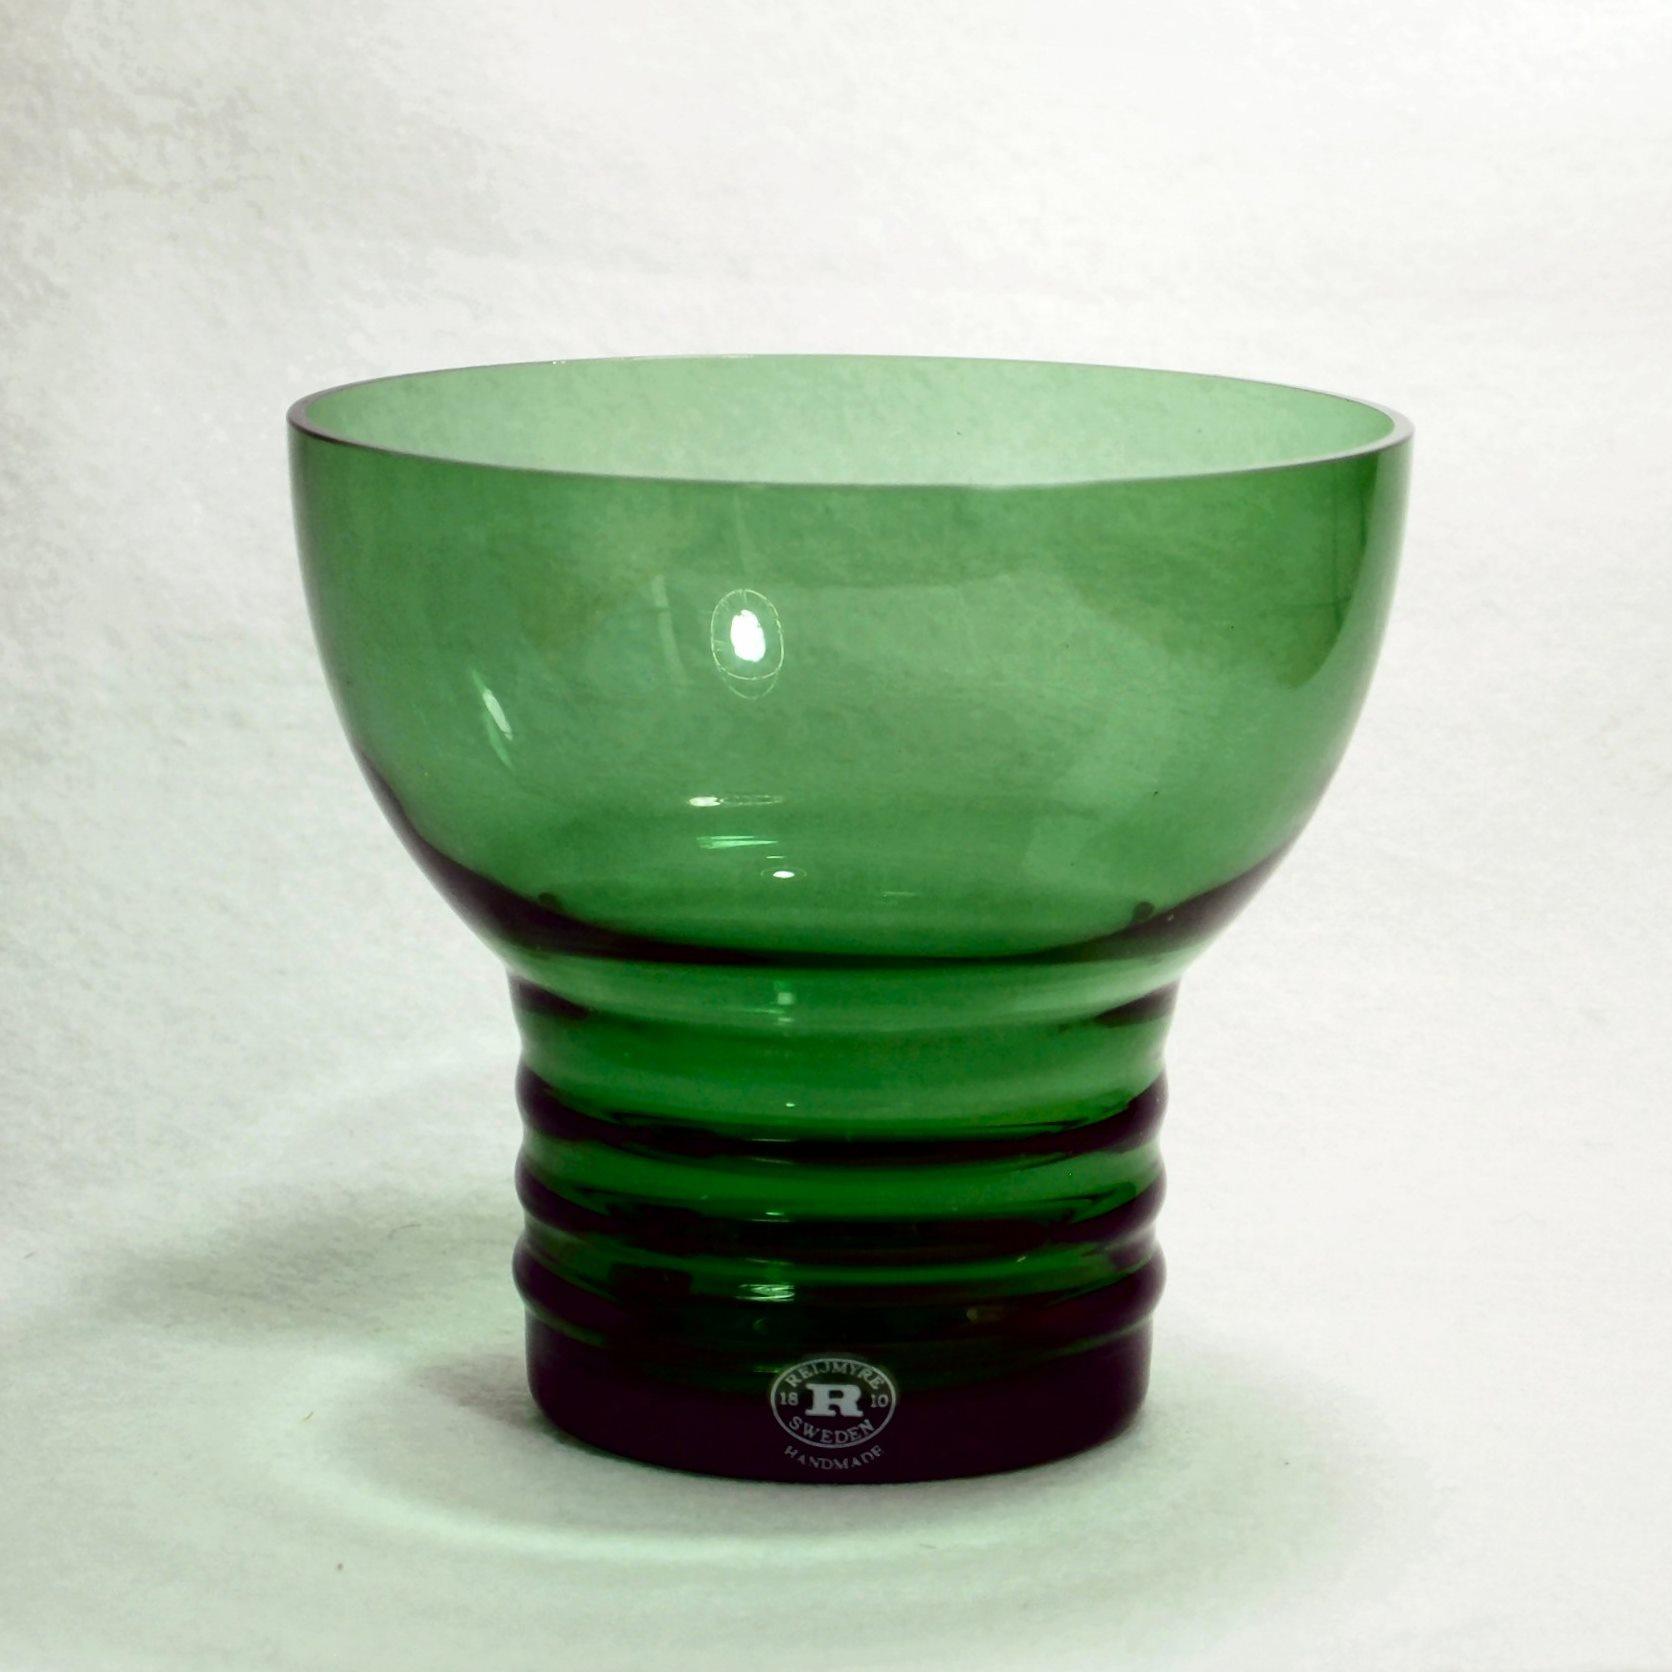 レイミューラ ネイチャー フラワーベース Reijmyre Nature Flower Vase